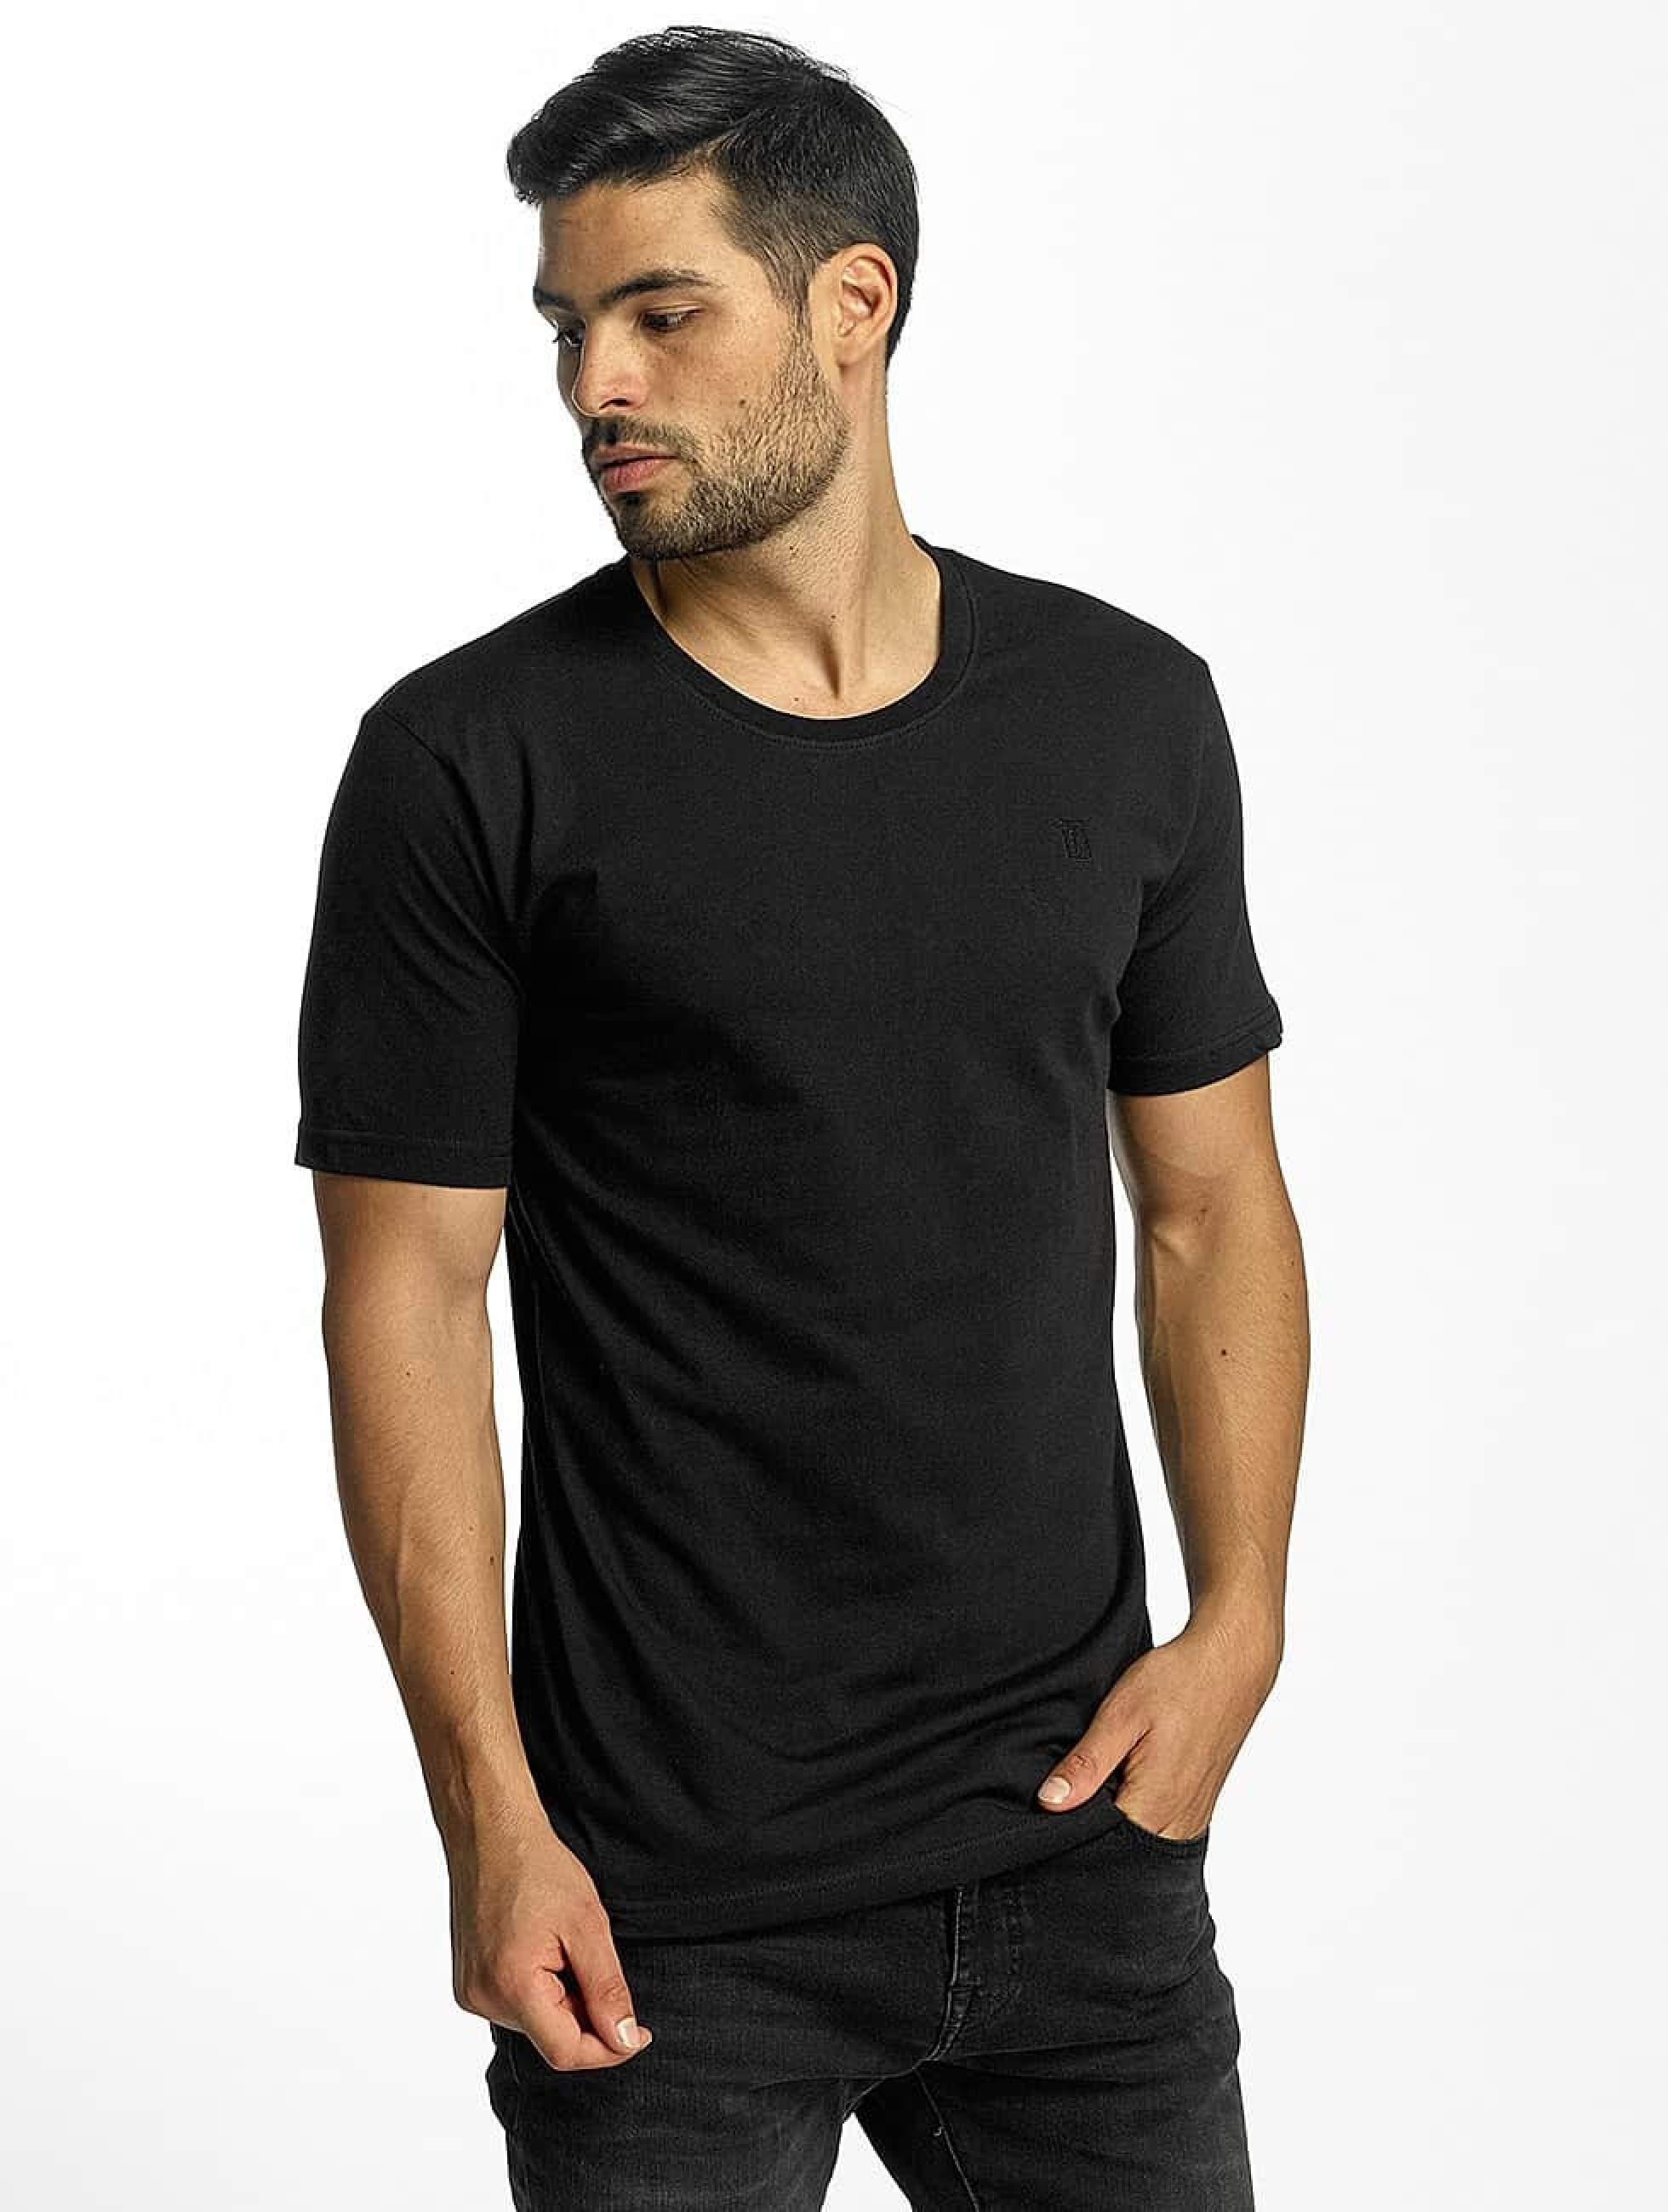 Cyprime / T-Shirt Titanium in black S